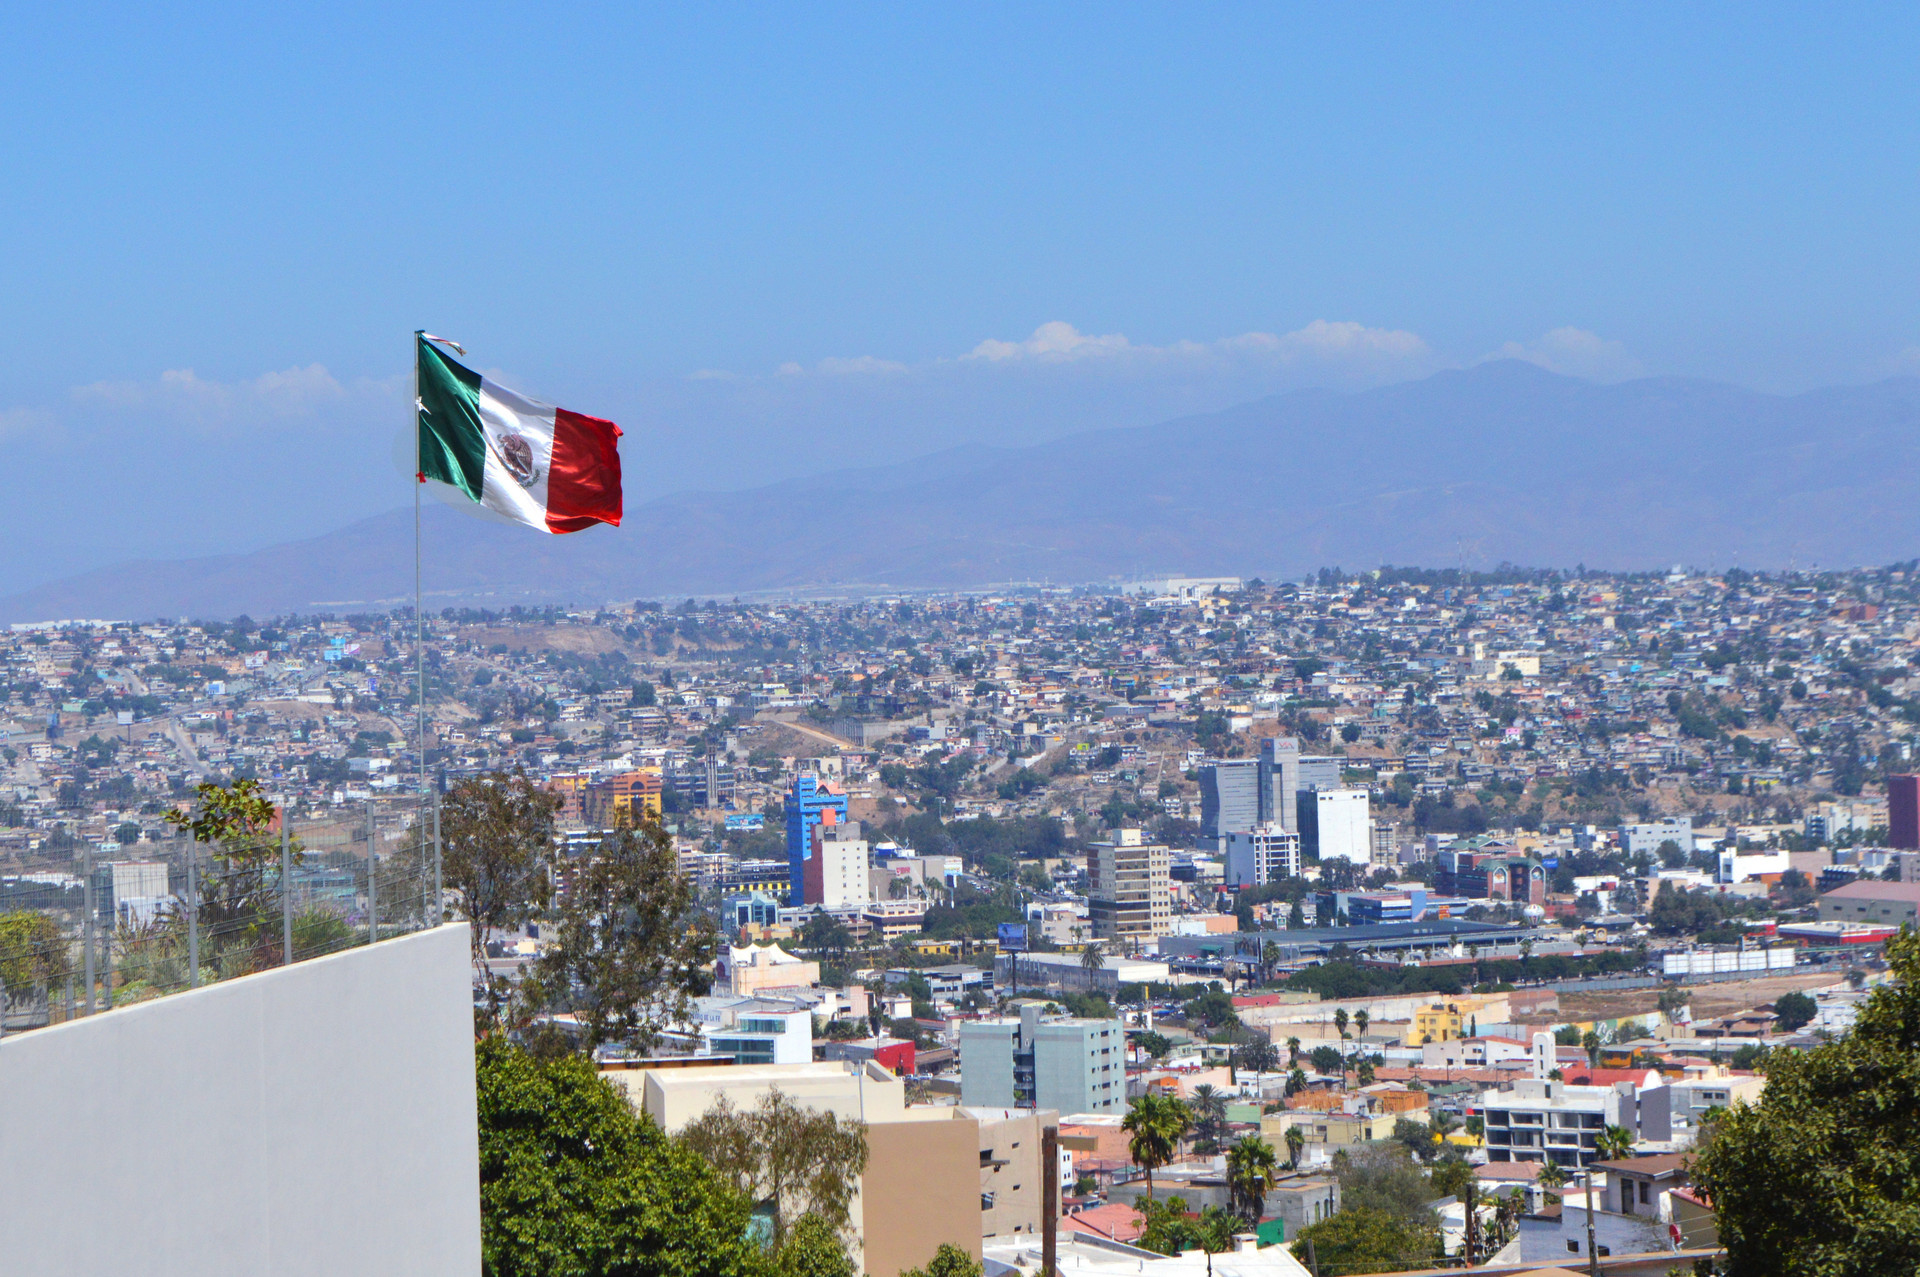 【图】                     闪电加征闪电延期,特朗普的关税武器在墨西哥身上得逞